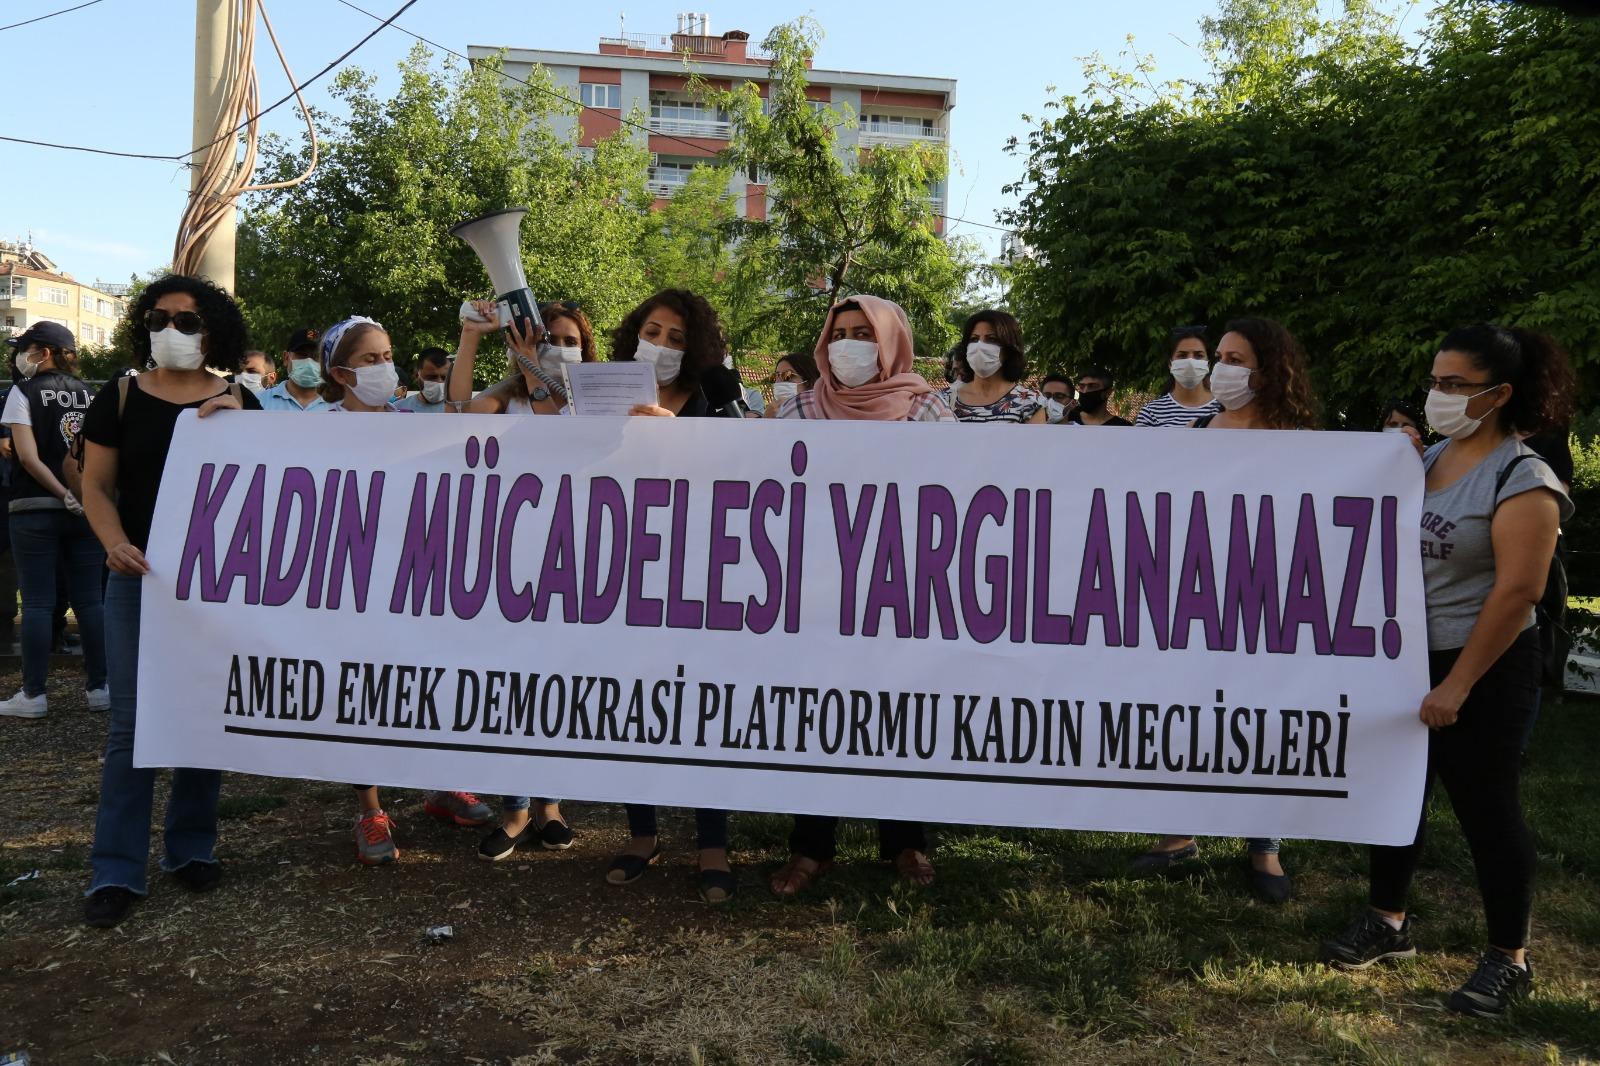 Amed Emek ve Demokrasi Platformu Kadın Meclisleri: Kadın Mücadelesi Yargılanamaz